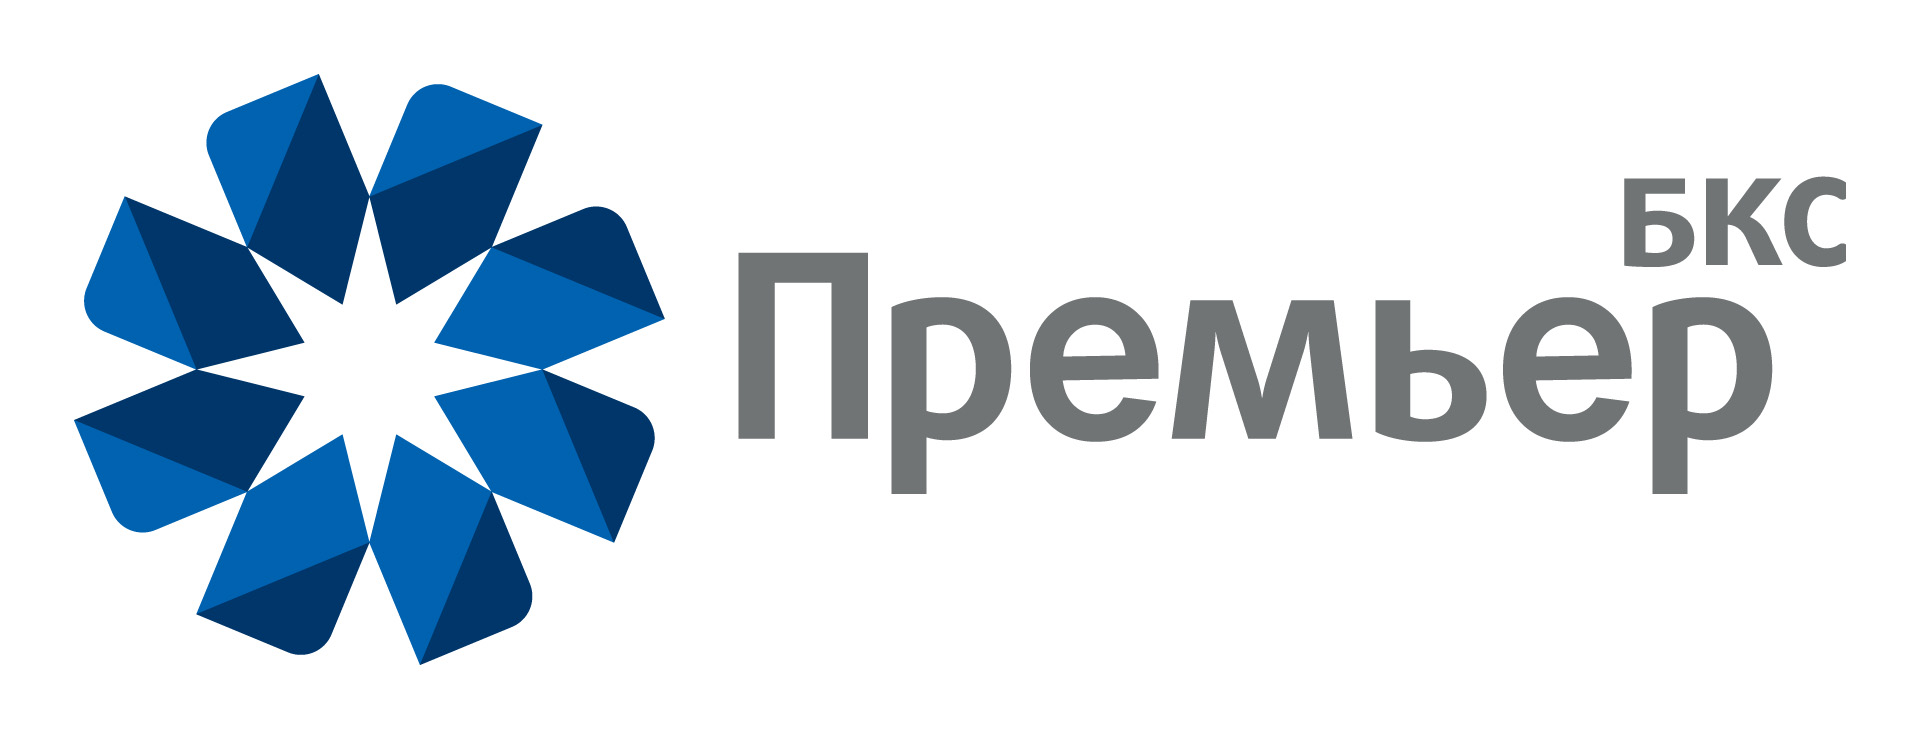 Логотип «бкс премьер»